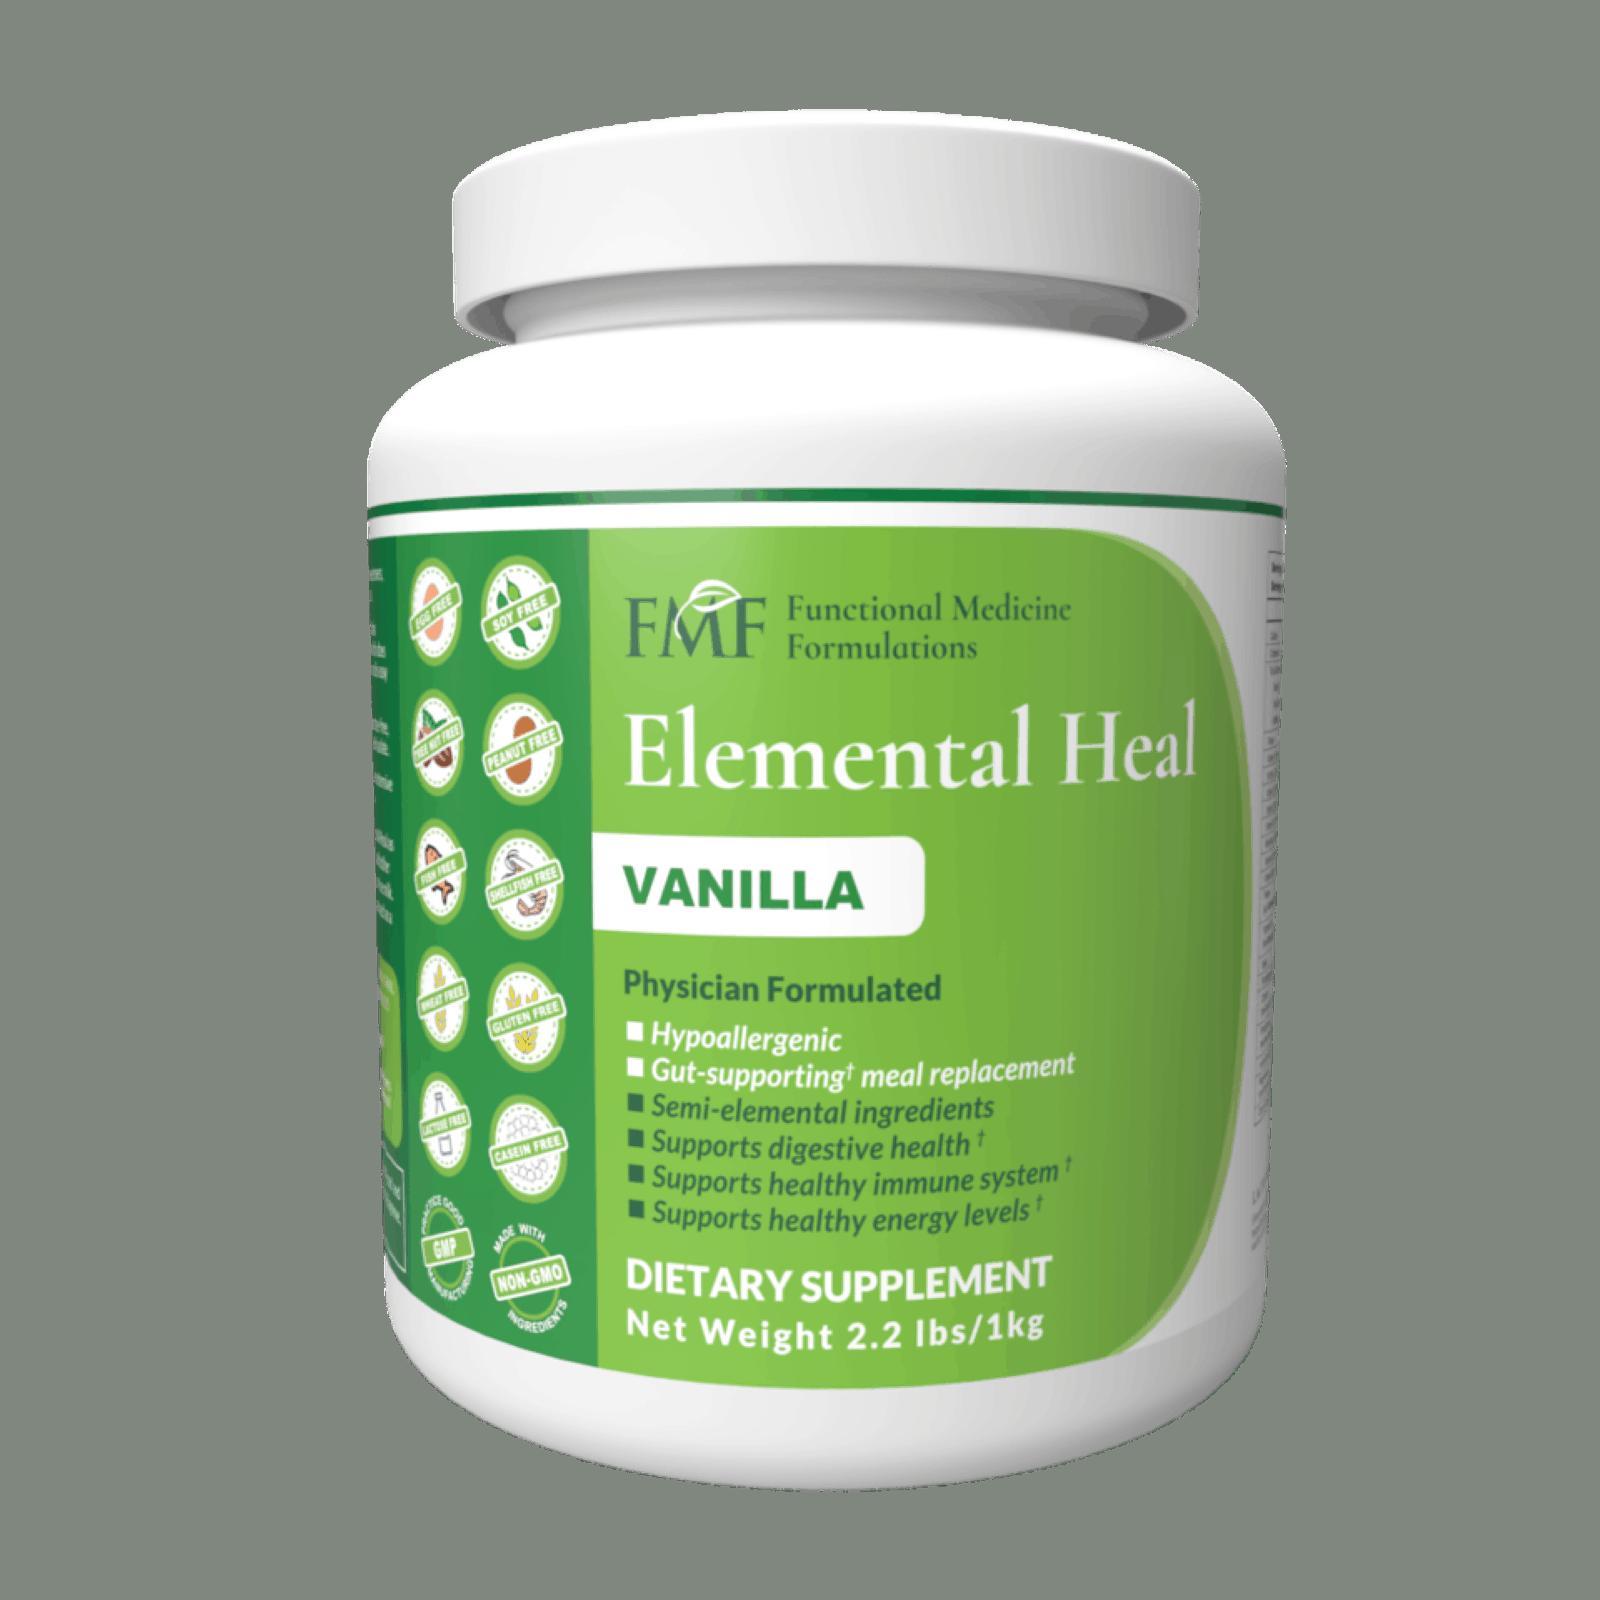 Elemental Heal in Vanilla flavor